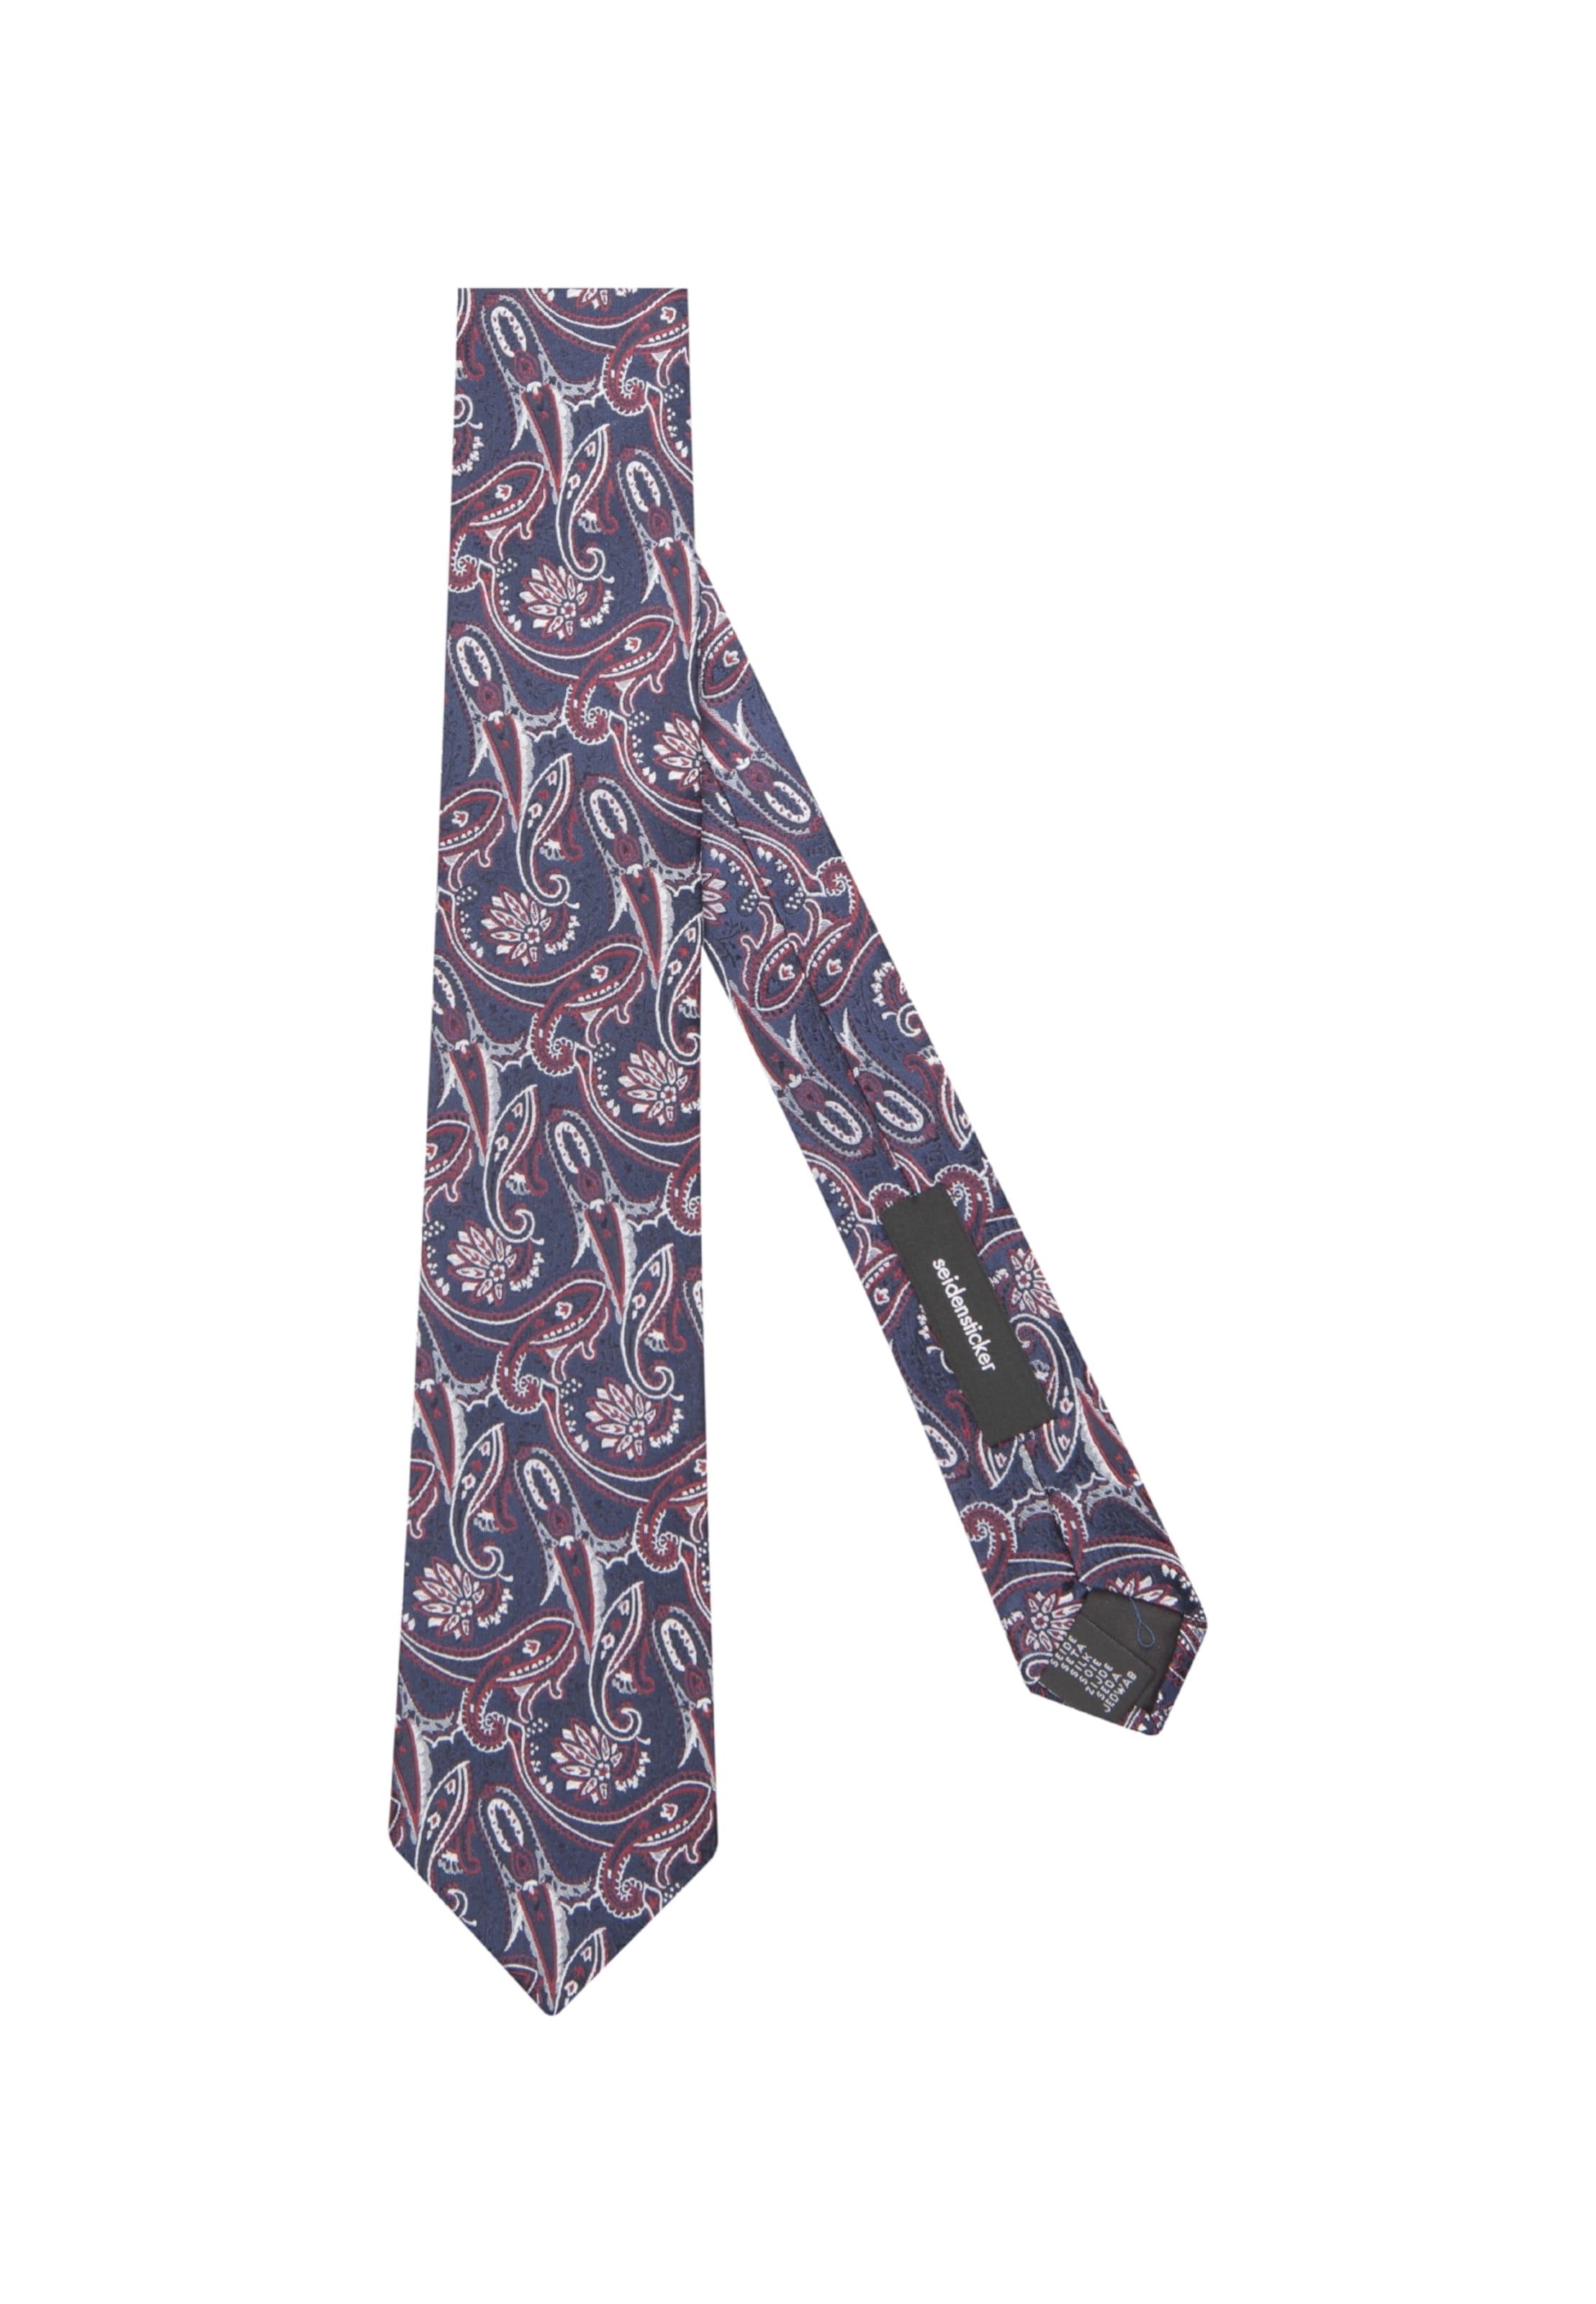 In DunkelblauRot Rose' Krawatte Seidensticker 'schwarze Weiß dxrCBoe